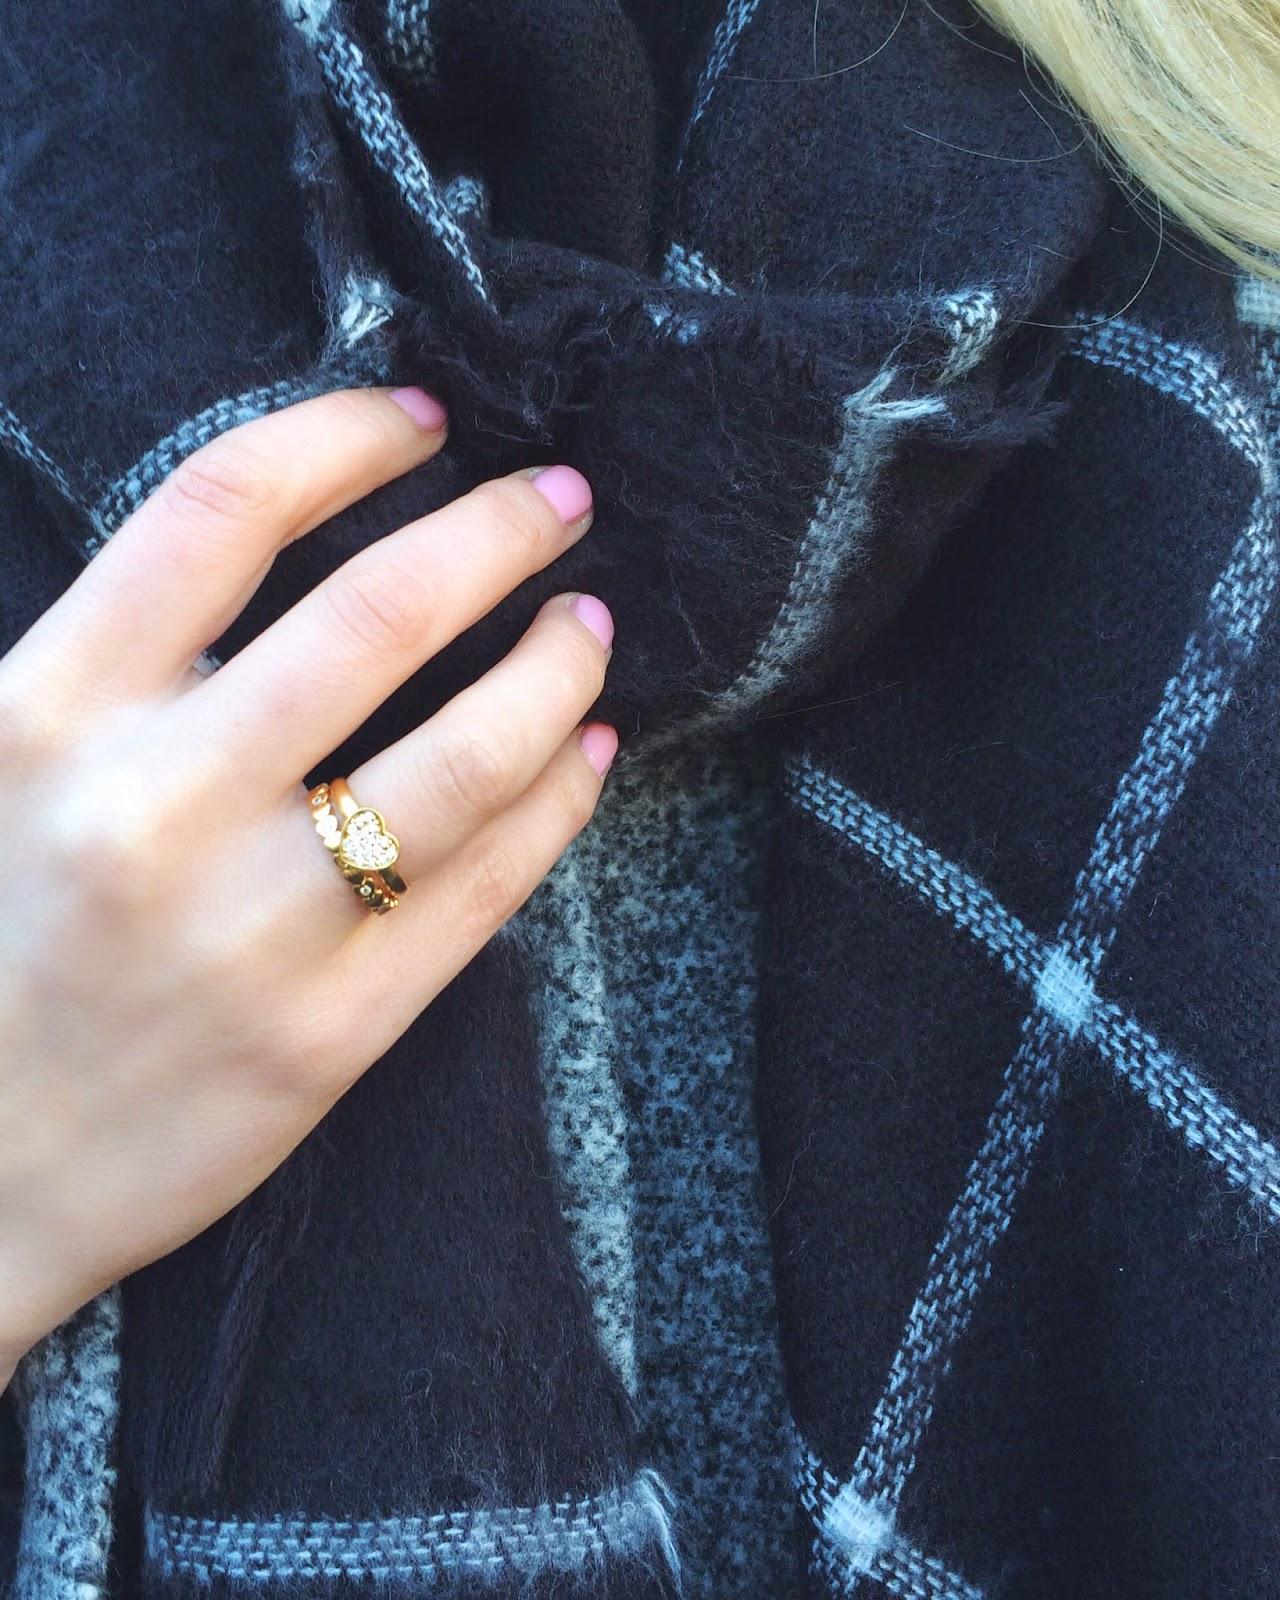 carolina creba, carolina creba heart ring, valentines day gift idea, heart shaped rings